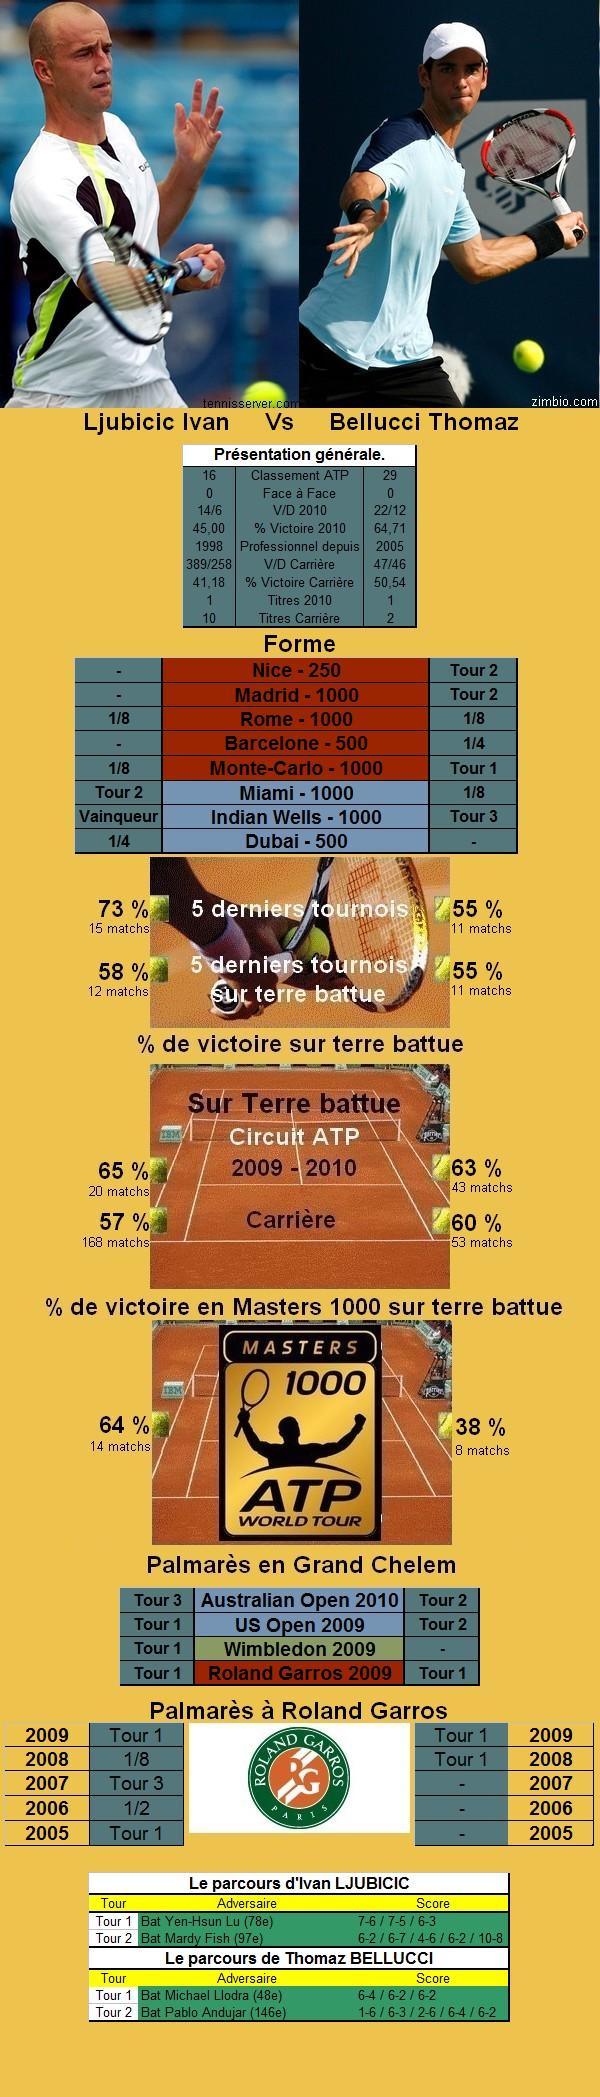 Statistiques tennis de Ljubicic contre Bellucci à Roland Garros